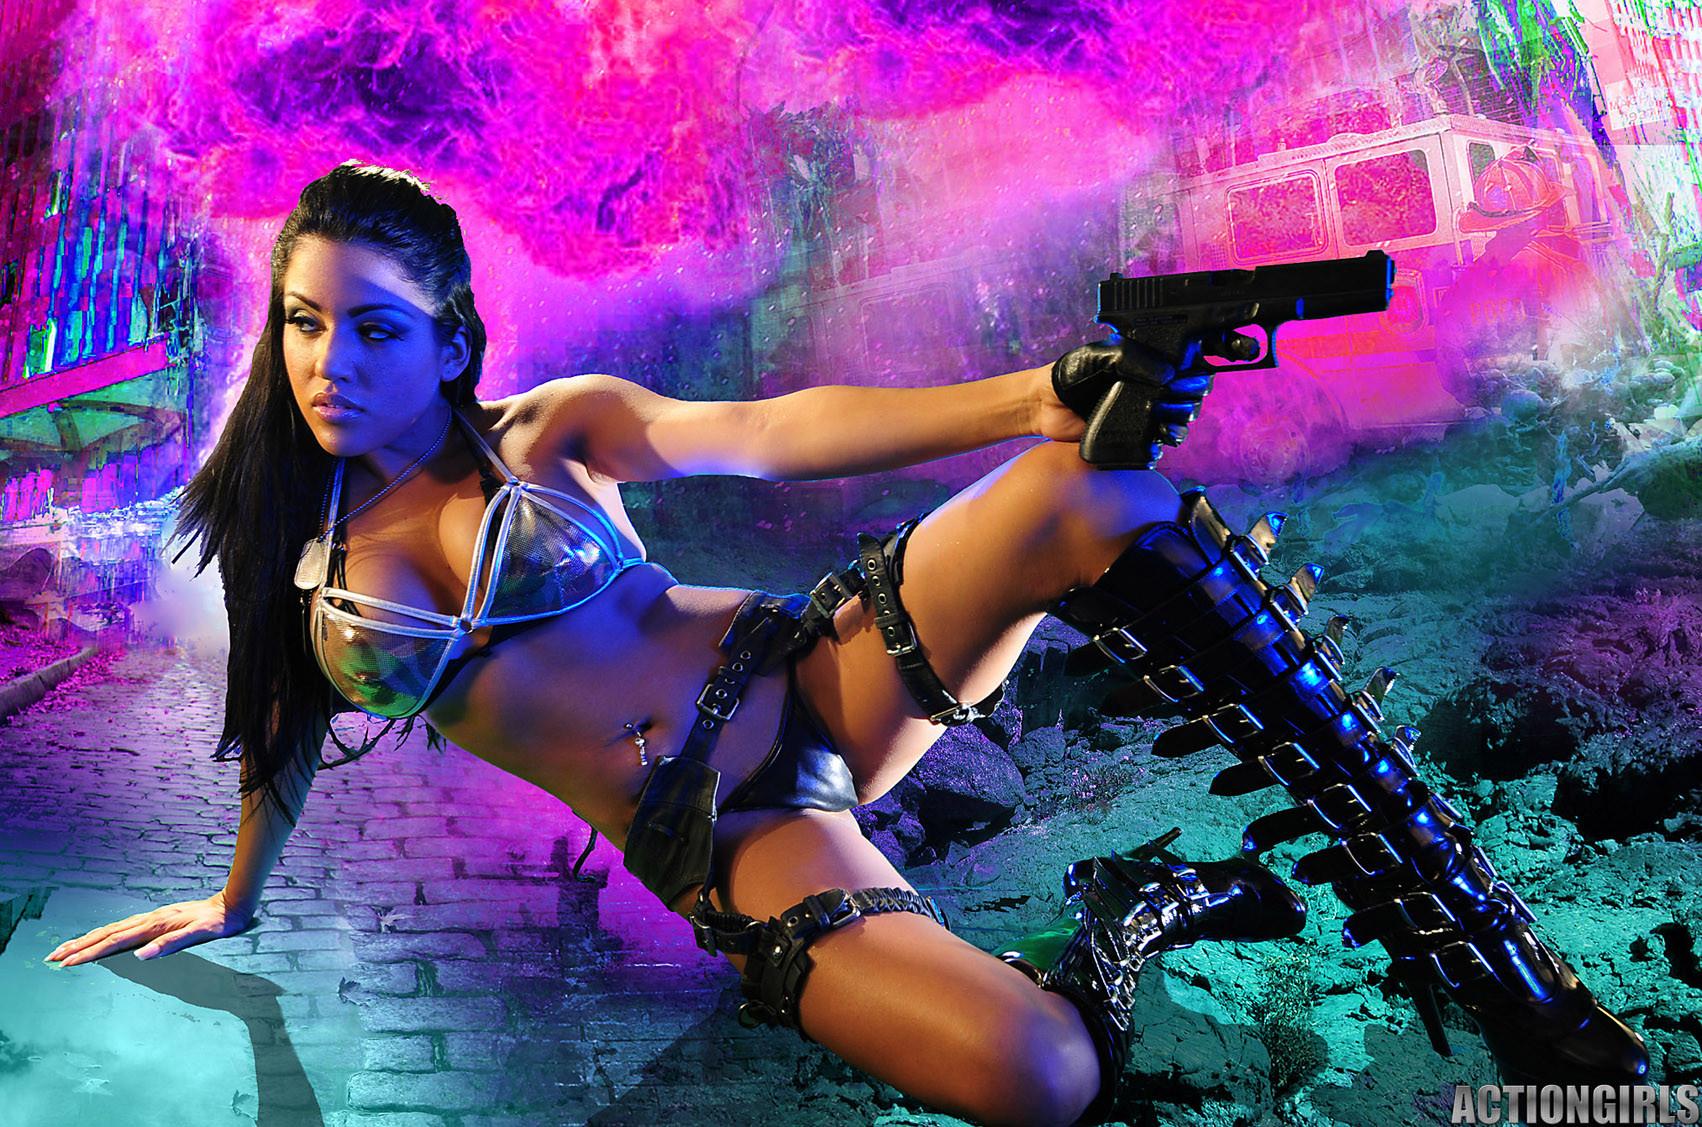 Джессика вооружена и очень опасна